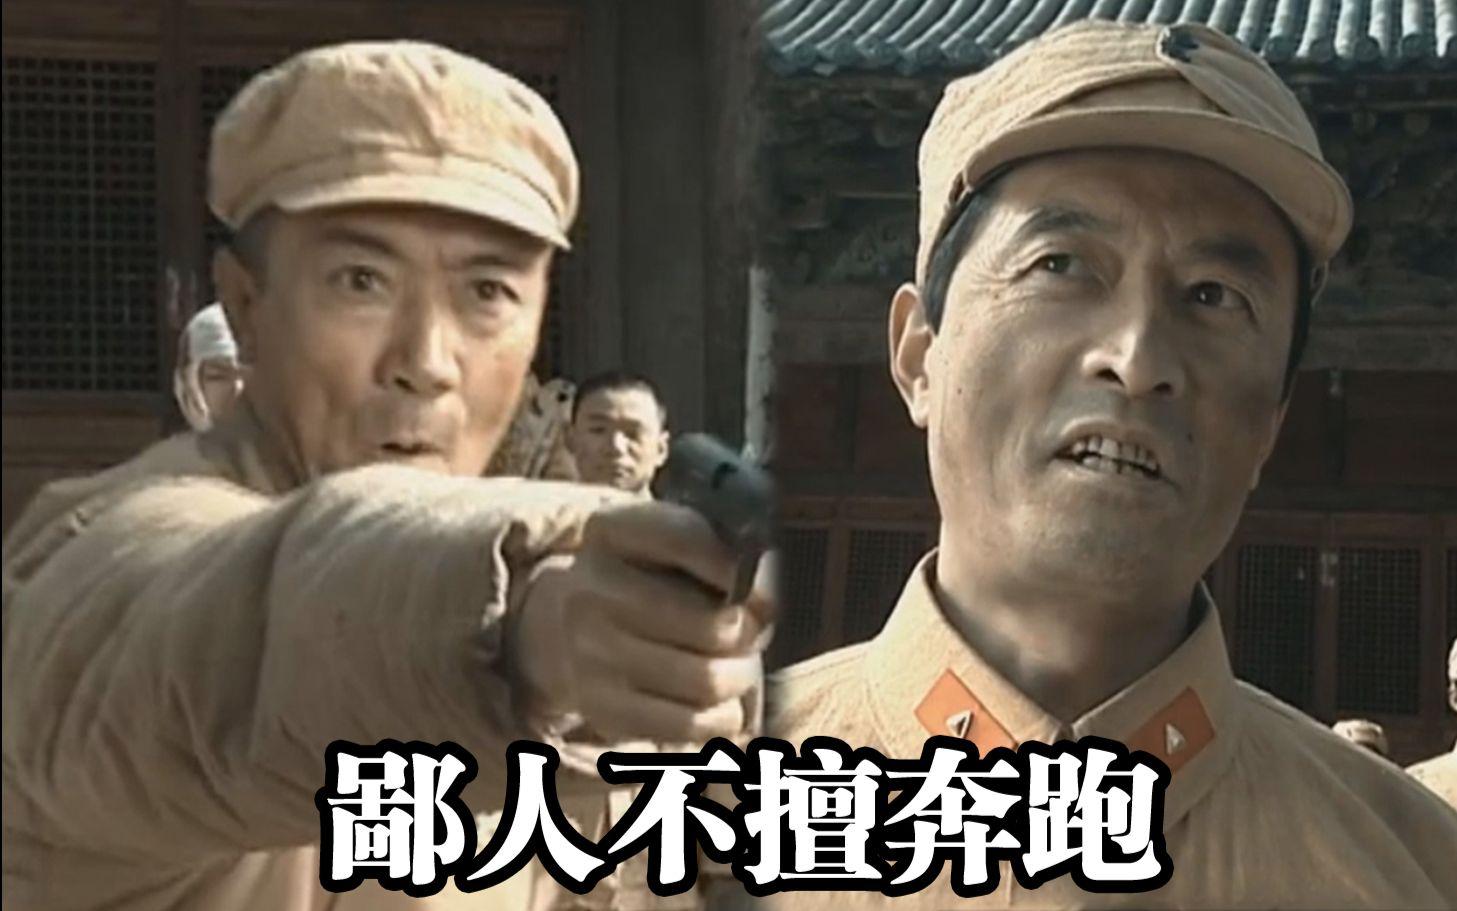 【李云龙&常乃超】鄙人不擅于奔跑